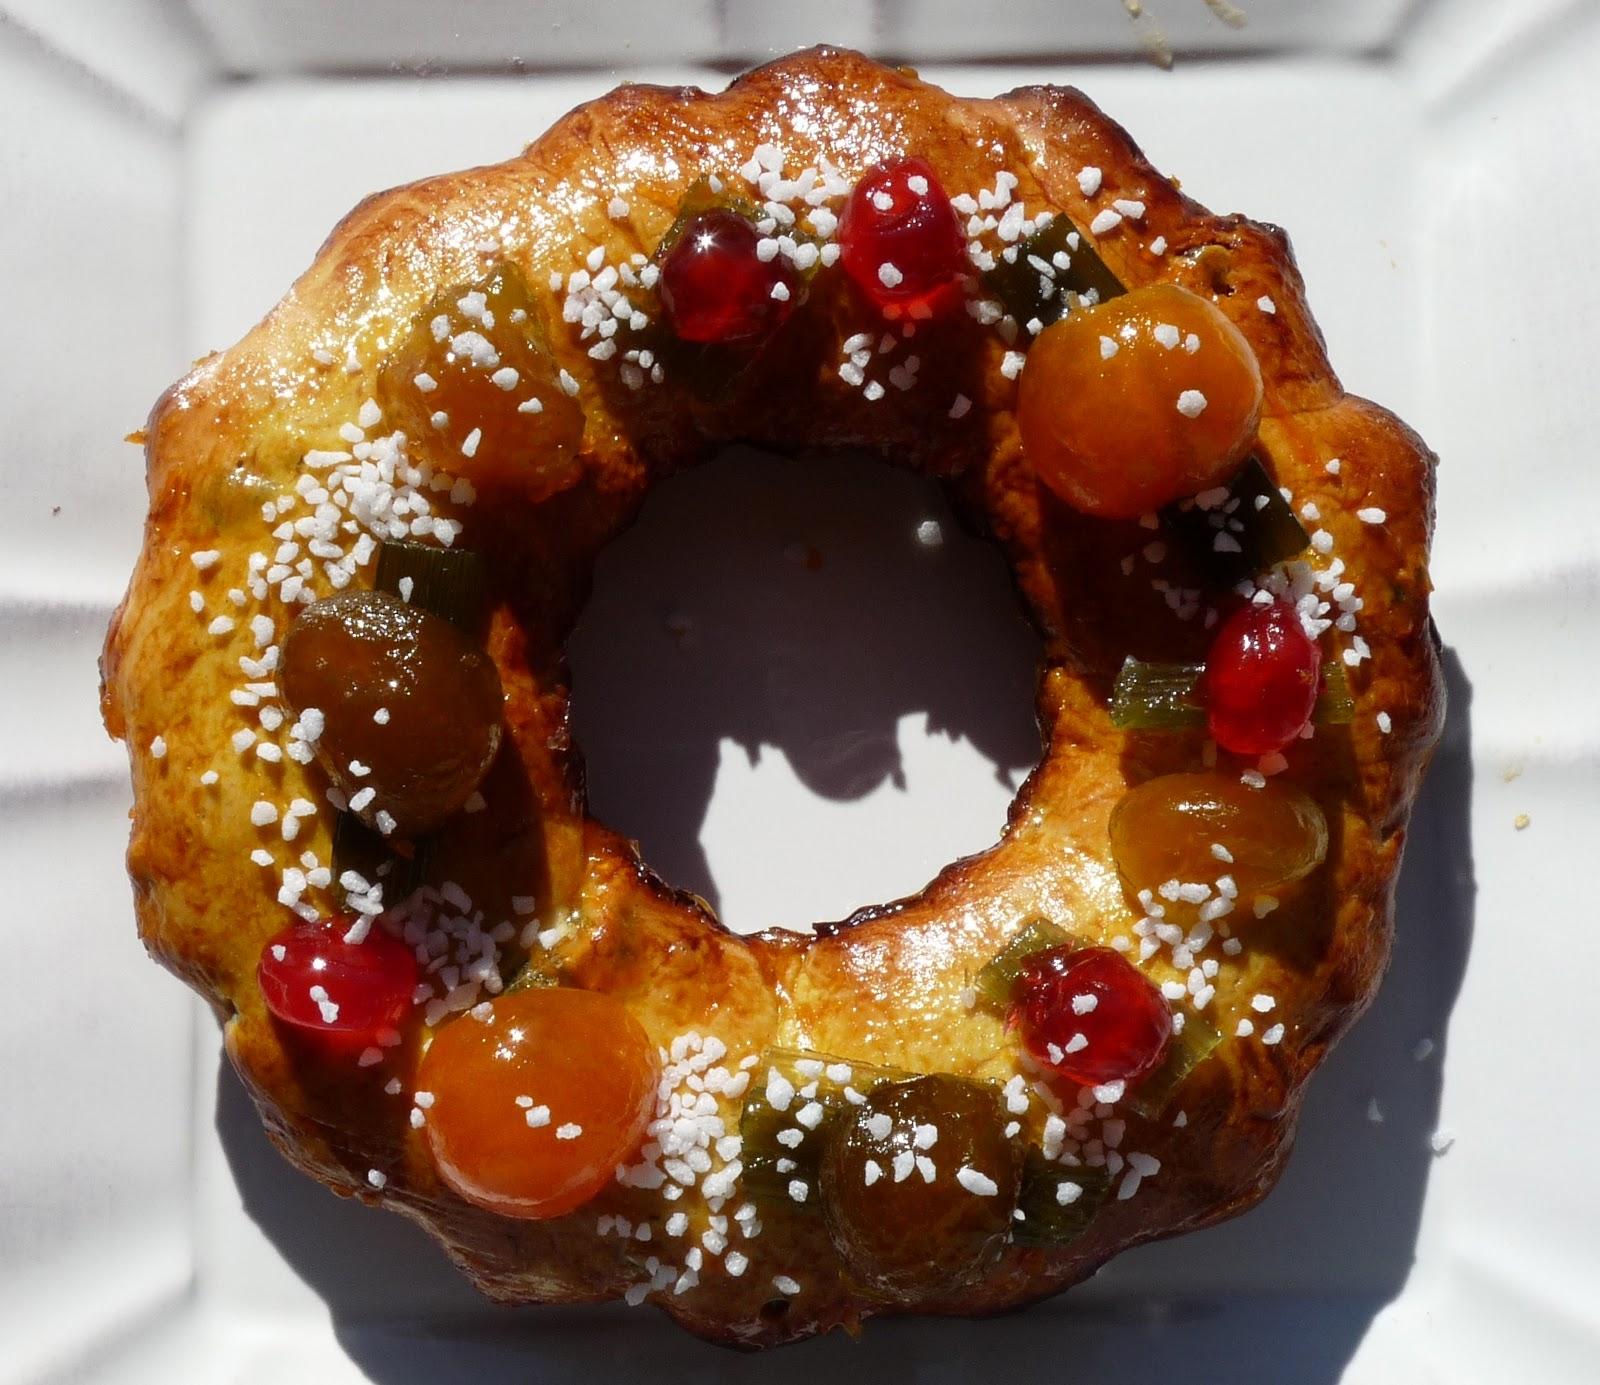 Gourmandise et cuisine couronne des rois - Image couronne des rois ...